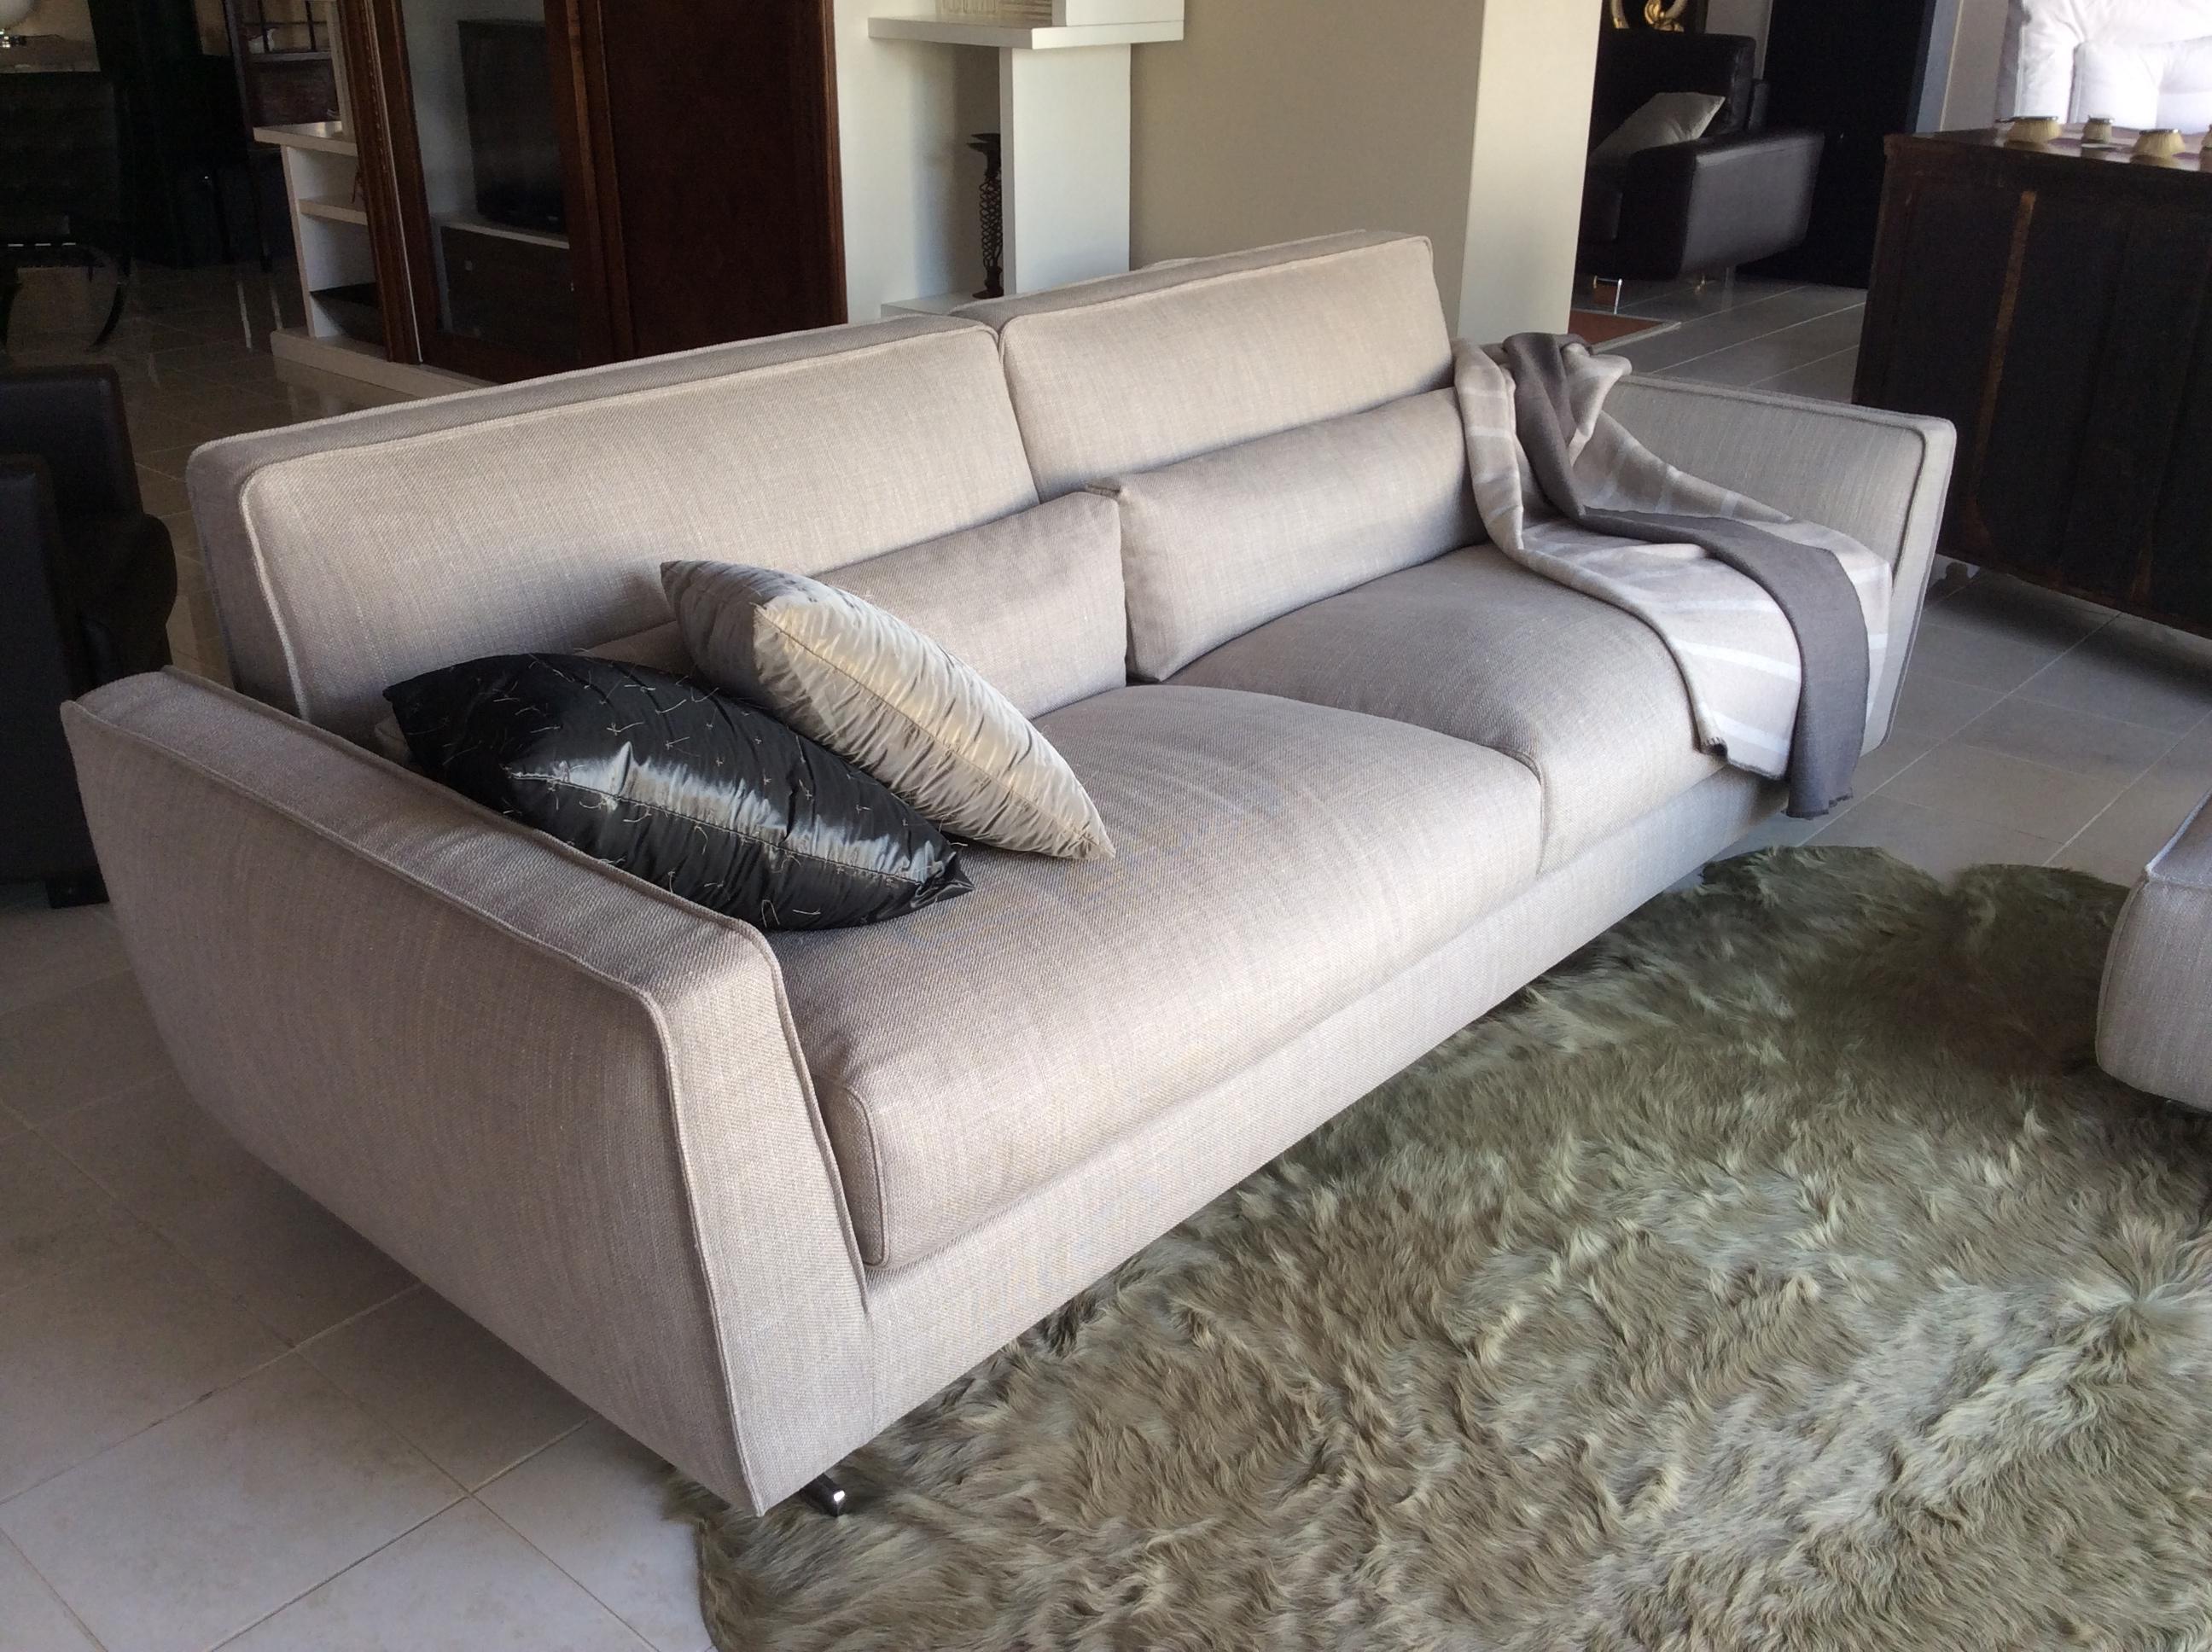 Divani Baxter Usati: Divani baxter usati doimo sofas prezzi divano.